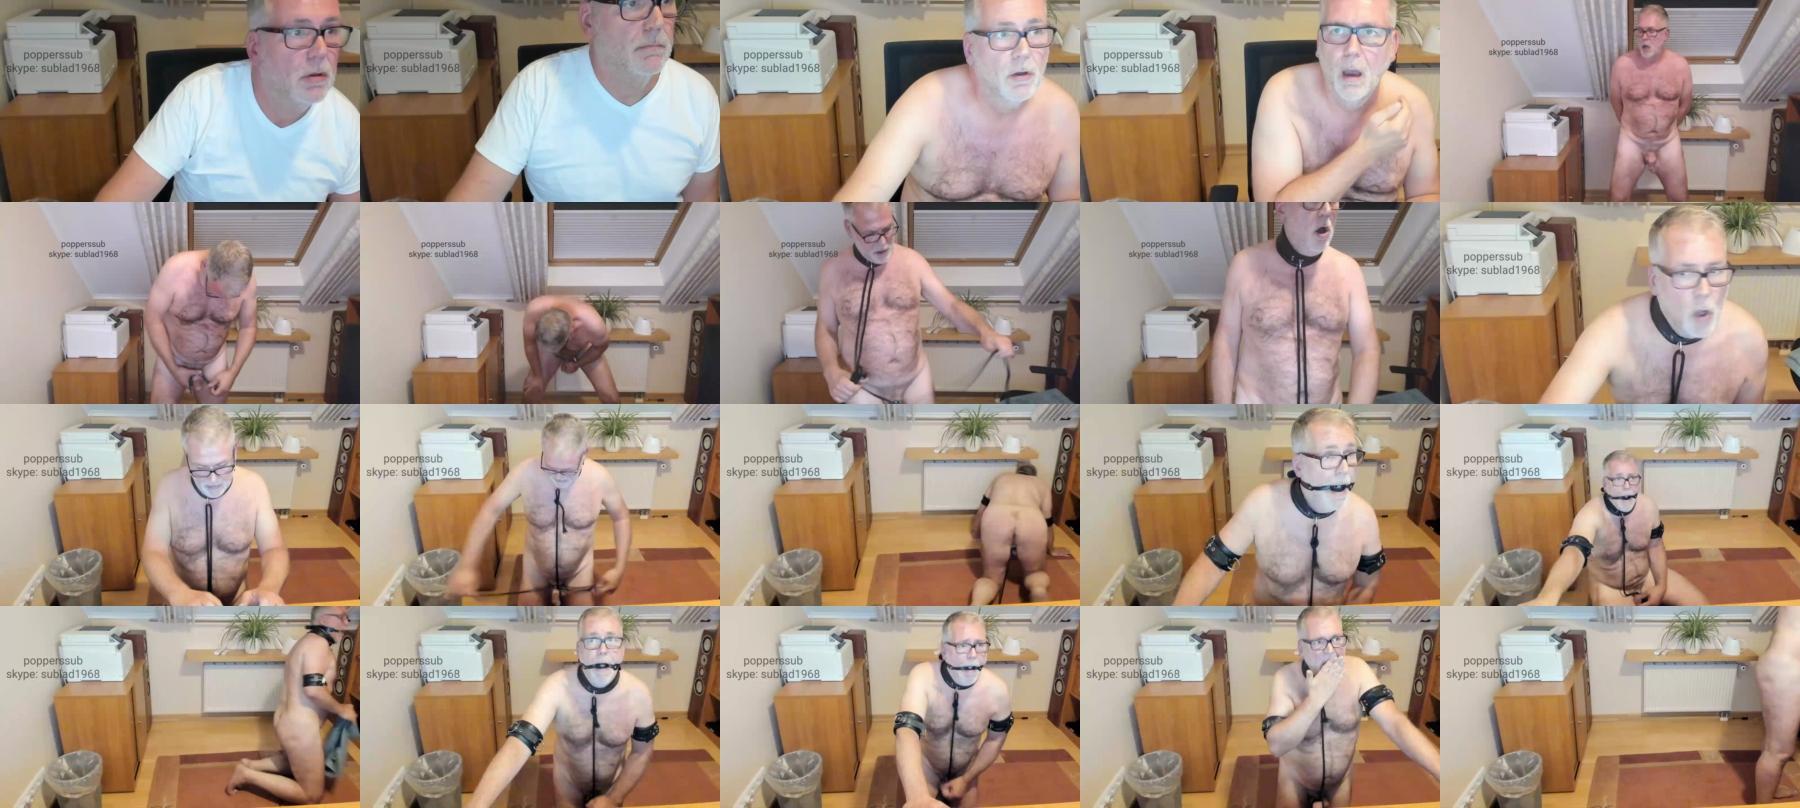 beary183 Webcam CAM SHOW @ Cam4 25-07-2021